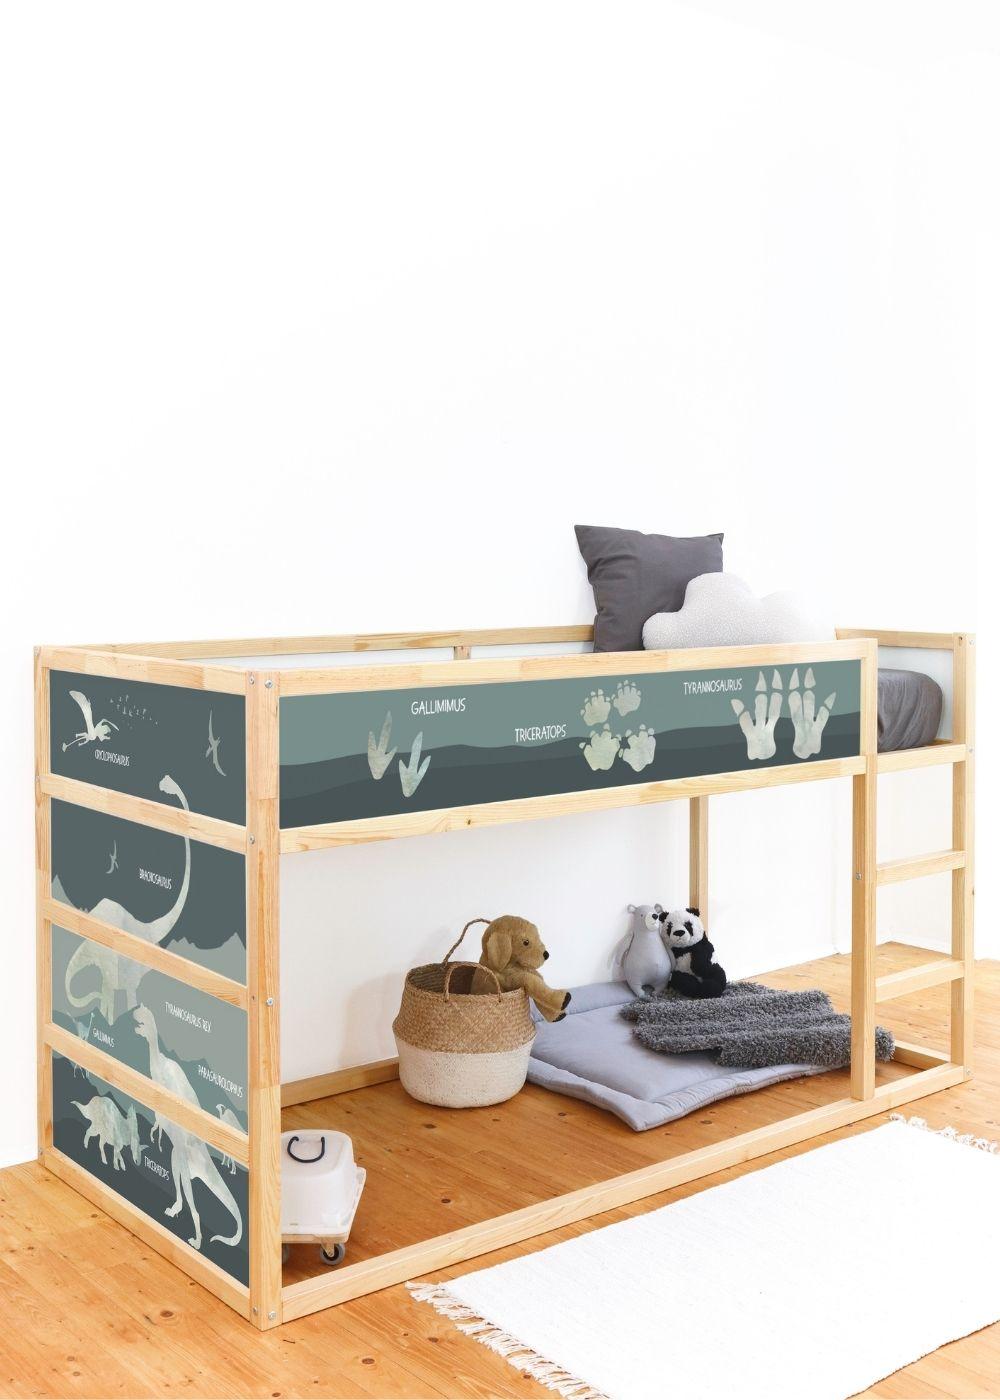 Kinderzimmer Kinderbett Dinosaurier Seitenansicht